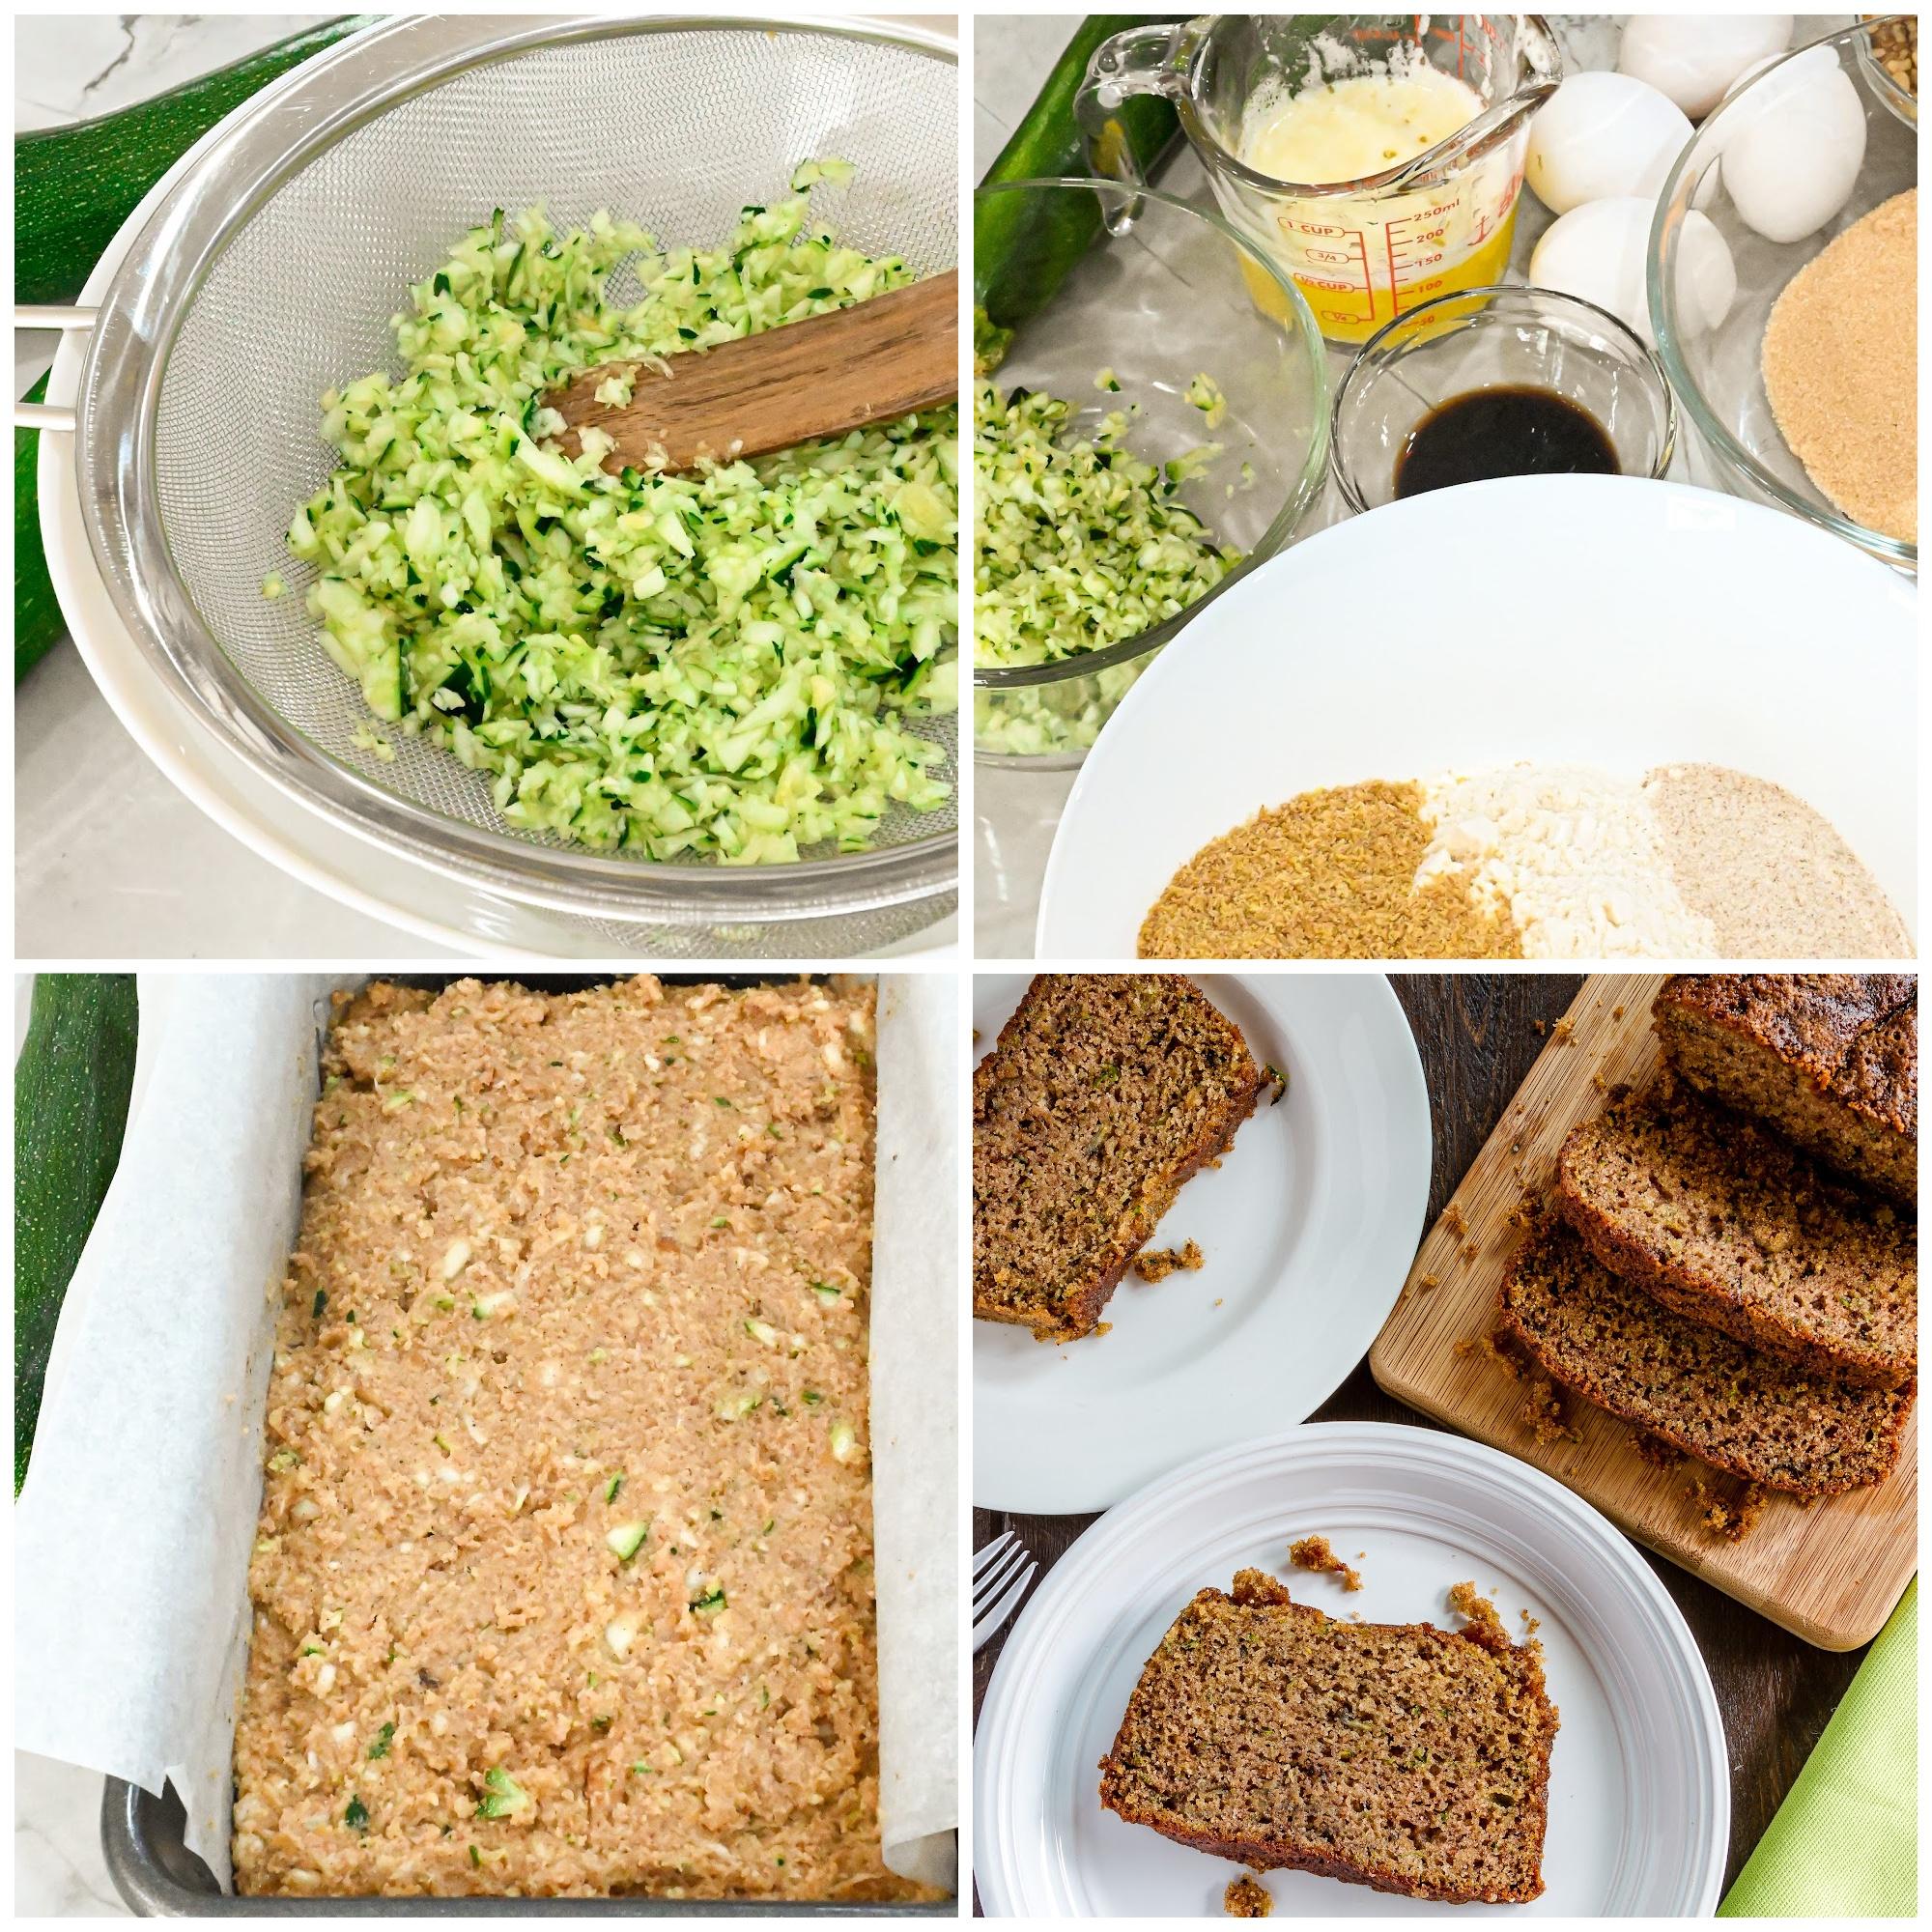 keto coconut flour zucchini bread process pictures